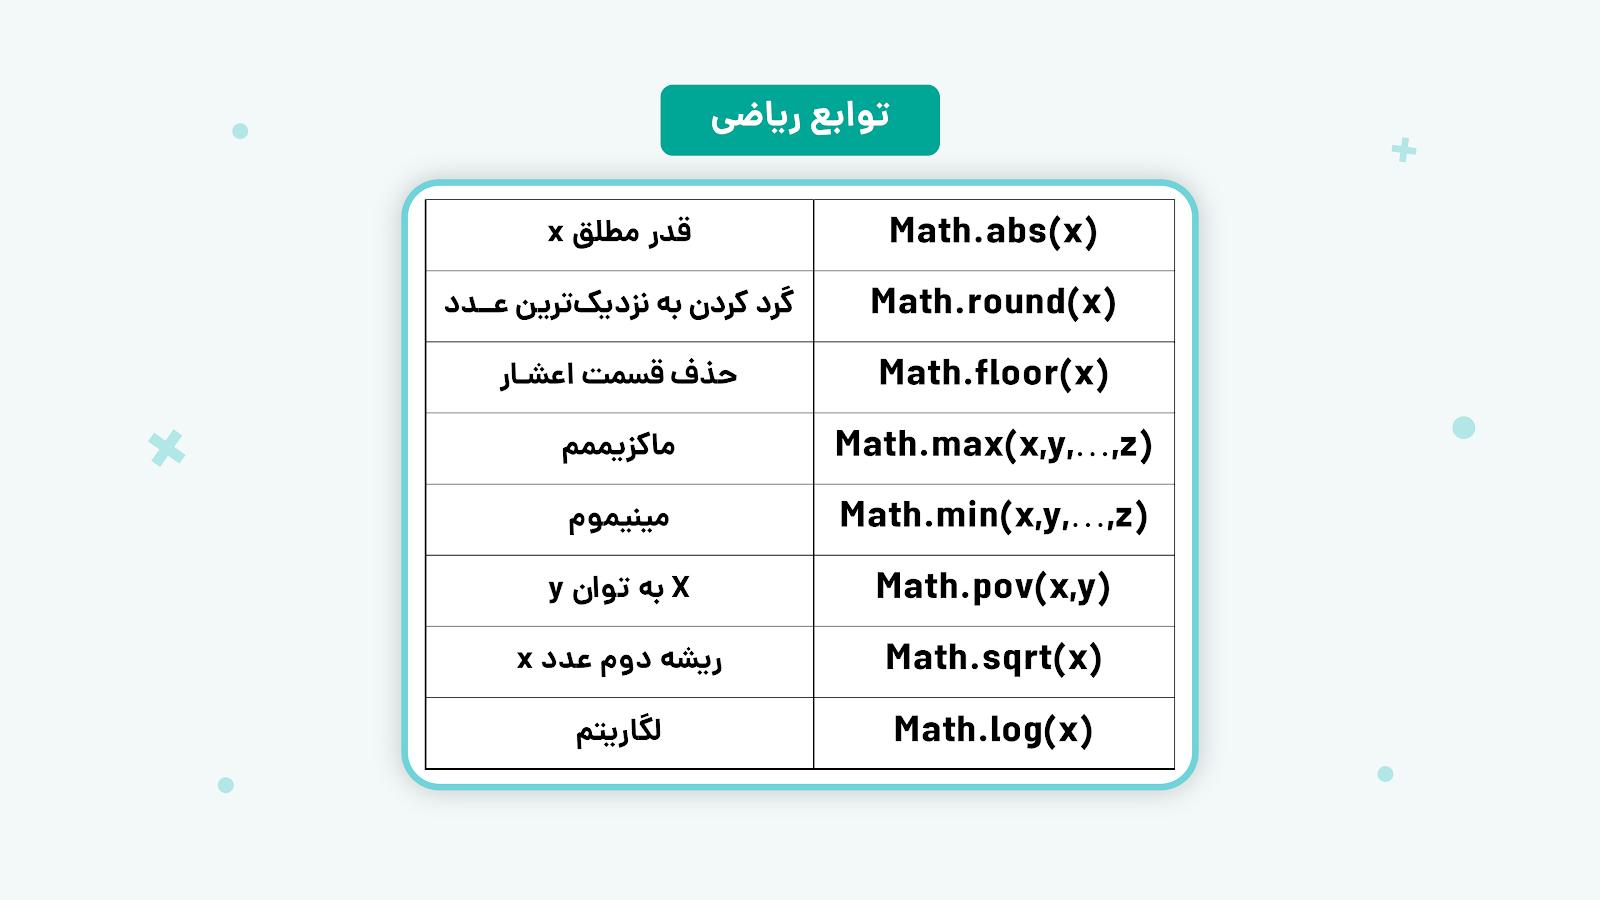 توابع ریاضی مورد استفاده در فیلتر نویسی